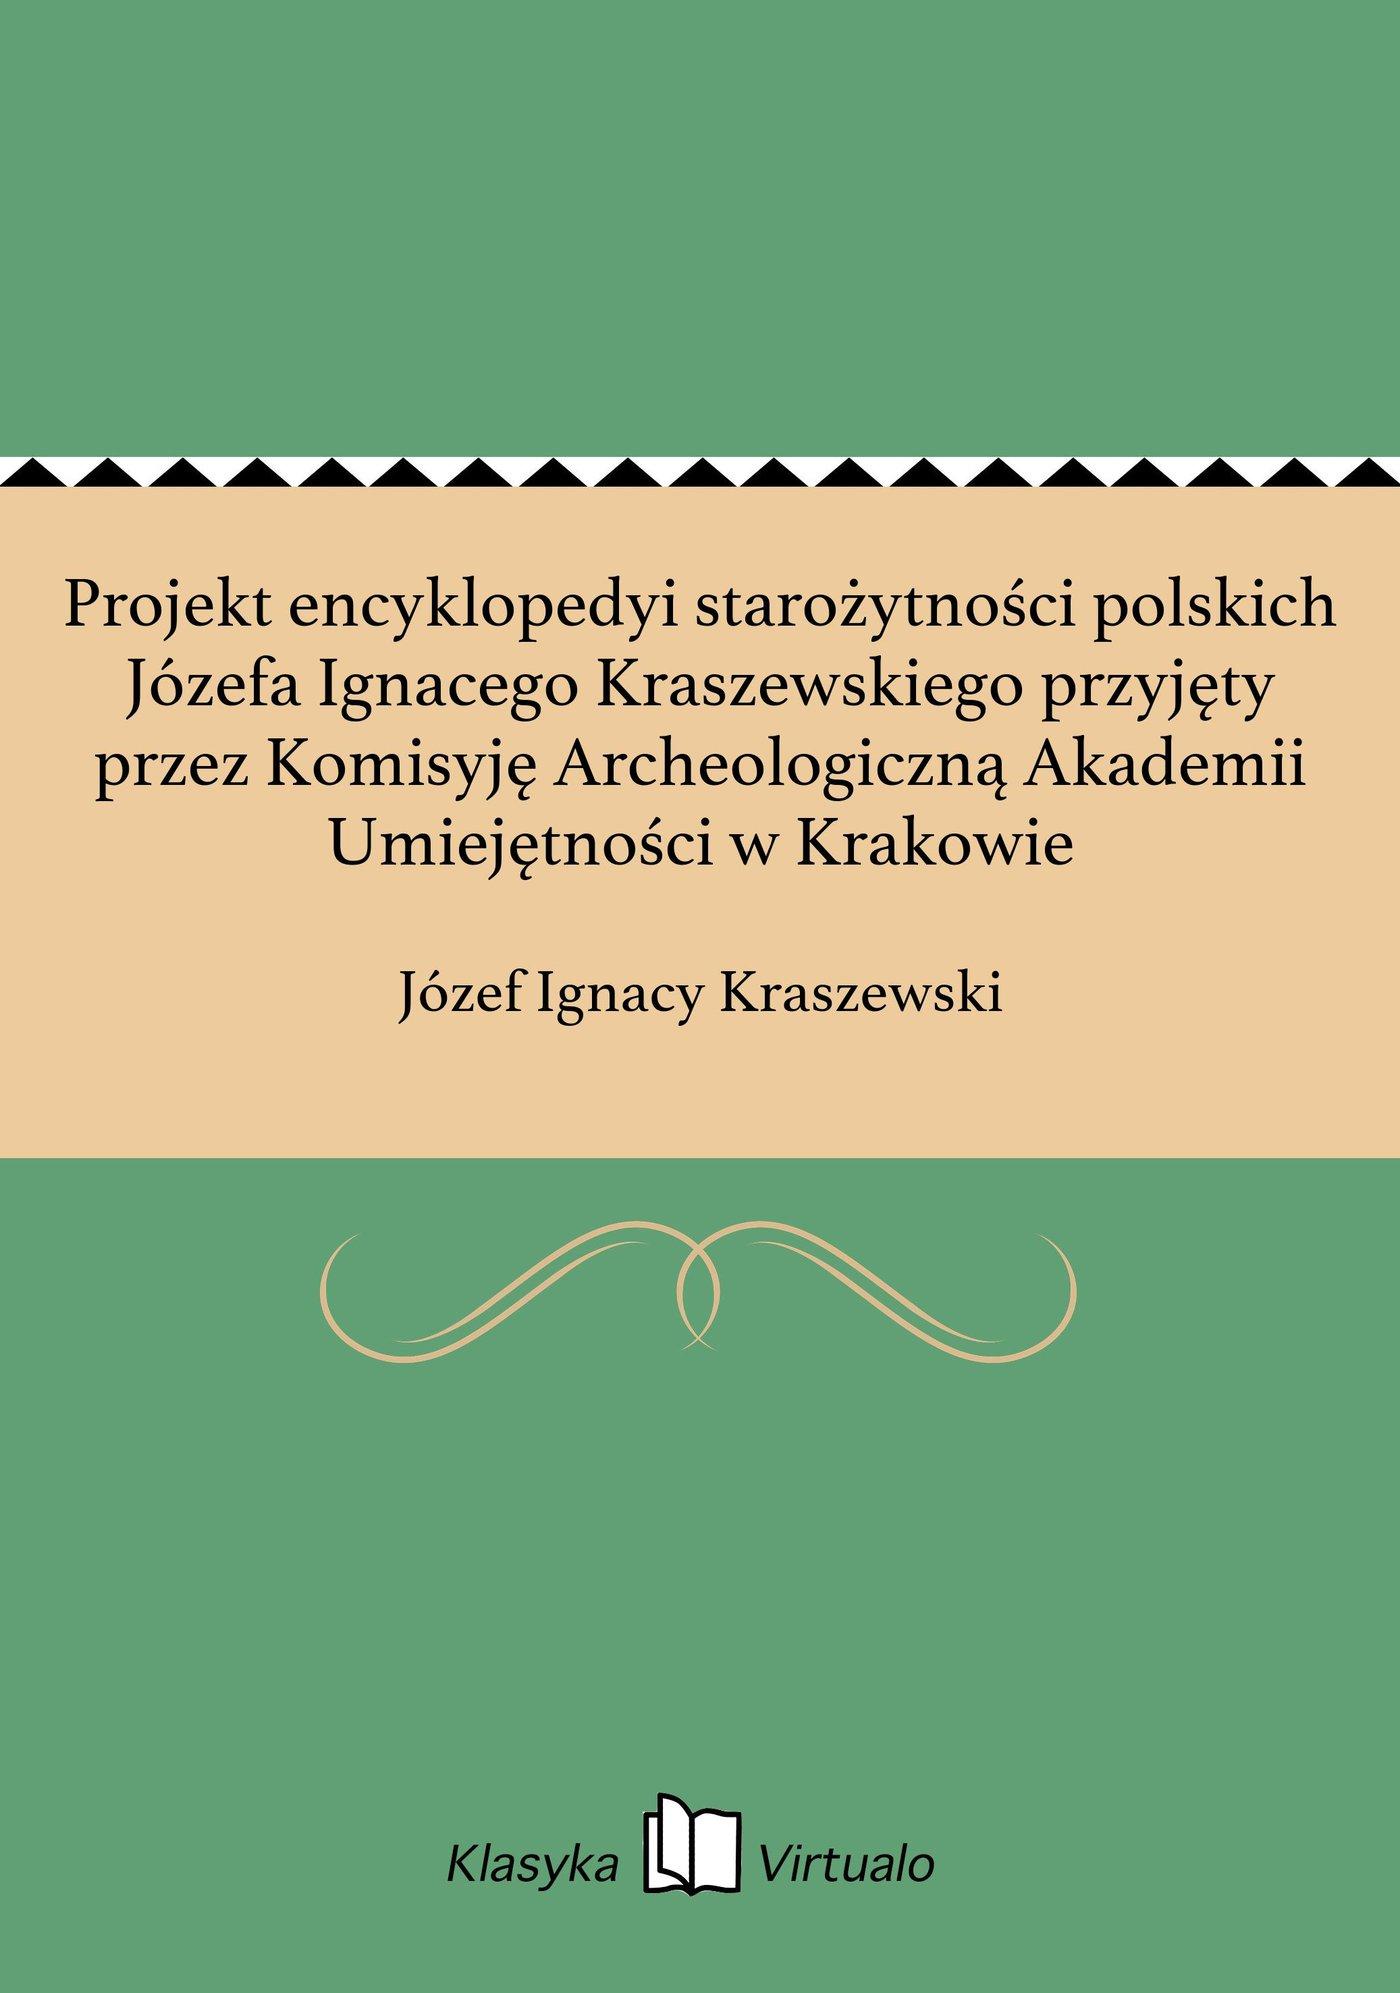 Projekt encyklopedyi starożytności polskich Józefa Ignacego Kraszewskiego przyjęty przez Komisyję Archeologiczną Akademii Umiejętności w Krakowie - Ebook (Książka EPUB) do pobrania w formacie EPUB